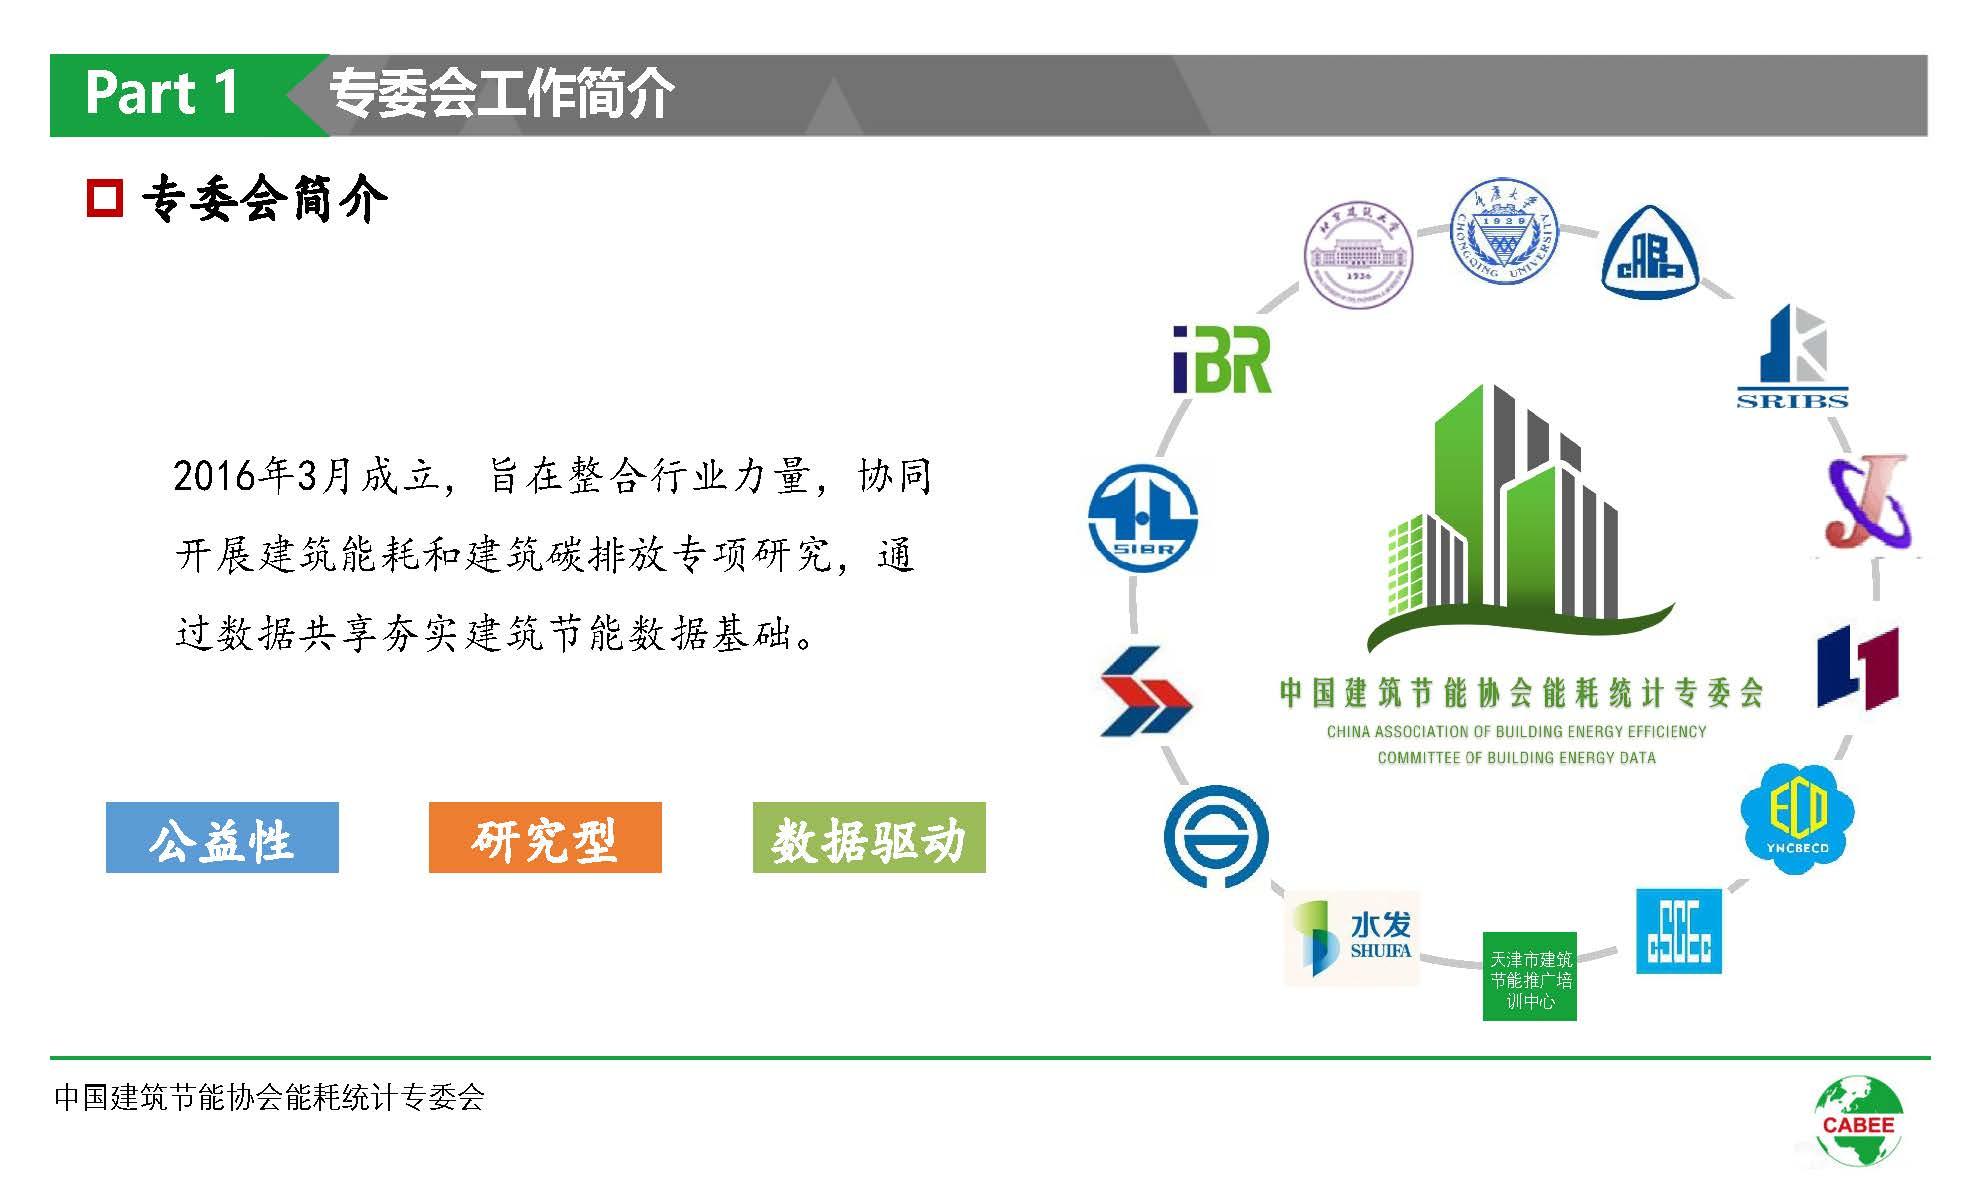 中国建筑能耗研究报告(2020)(1)_页面_04.jpg